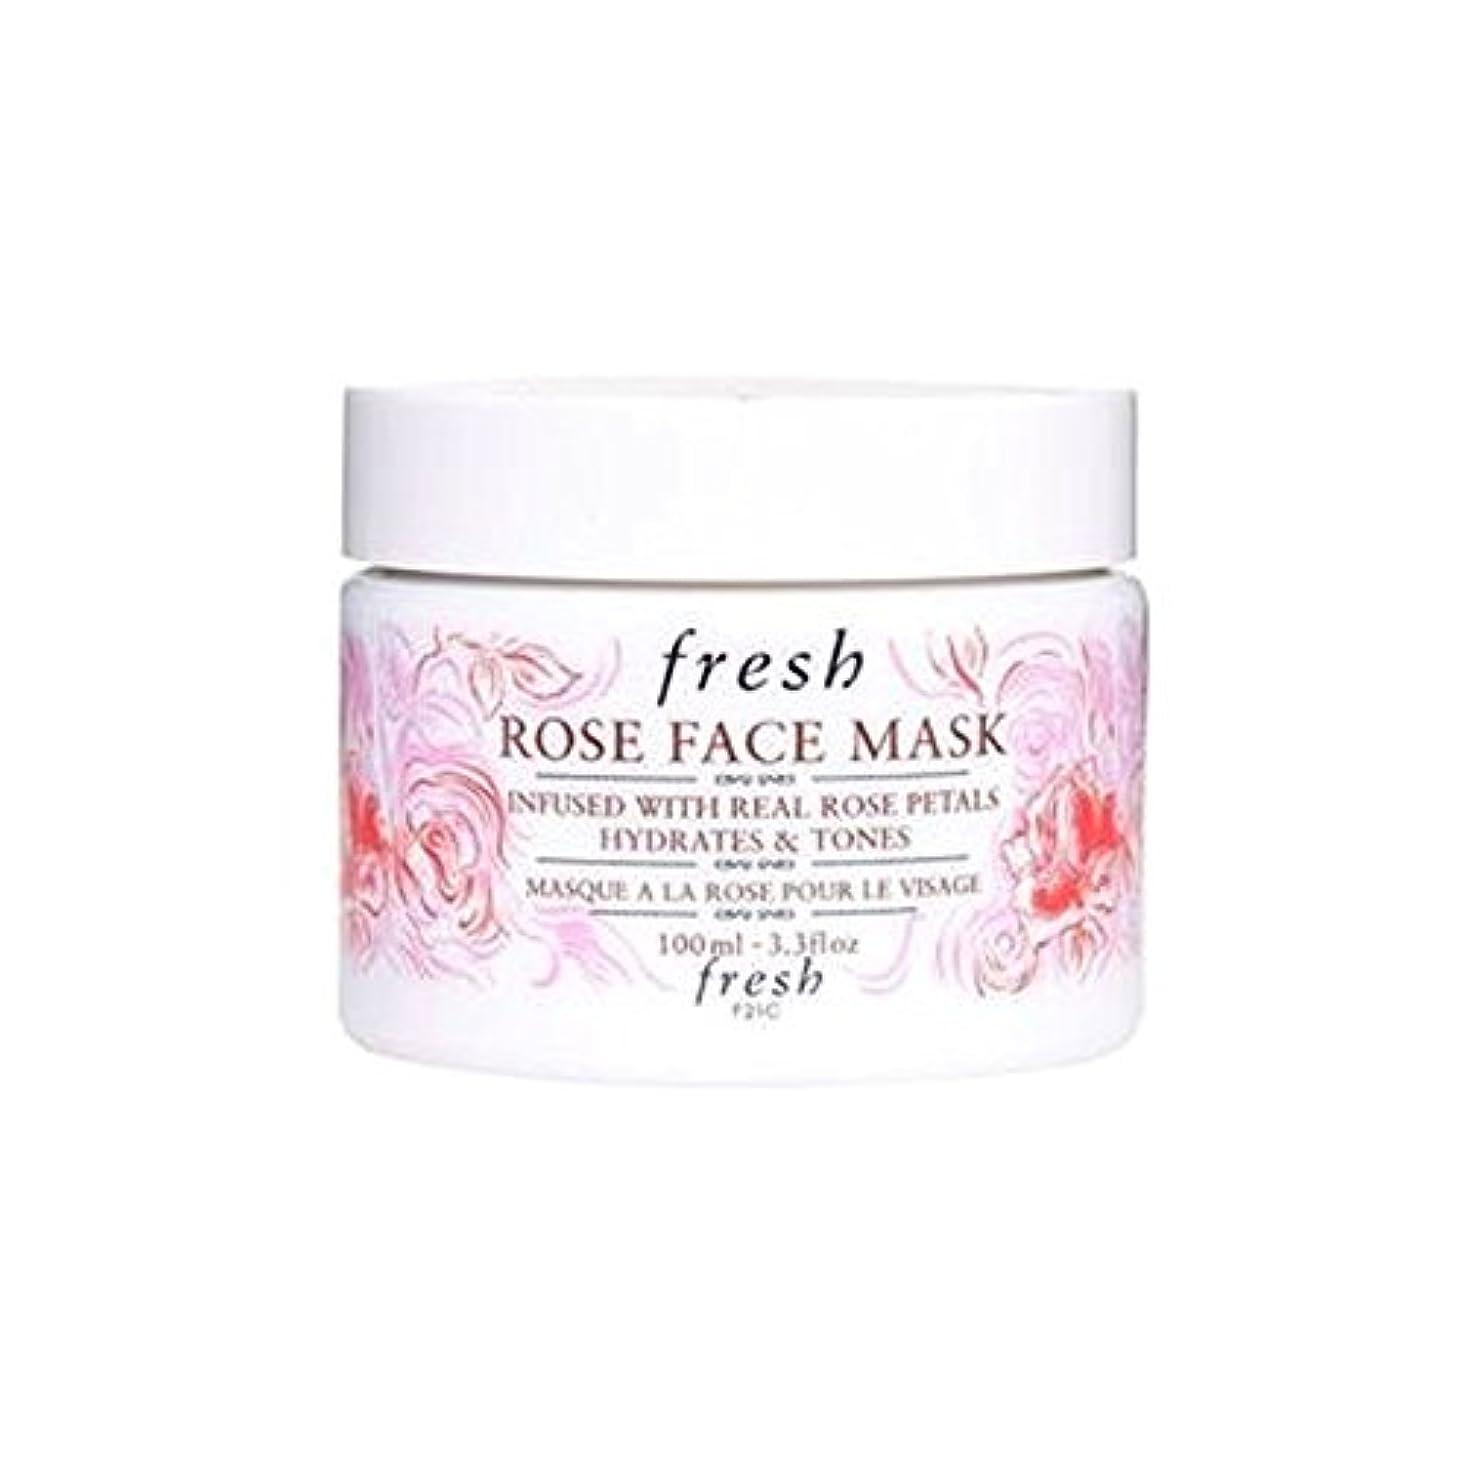 インペリアル懐疑論アラブサラボFresh (フレッシュ) 15周年記念限定版 Rose Face Mask ローズフェイスマスク-, 100ml /3.3 fl.oz [並行輸入品] [海外直送品]